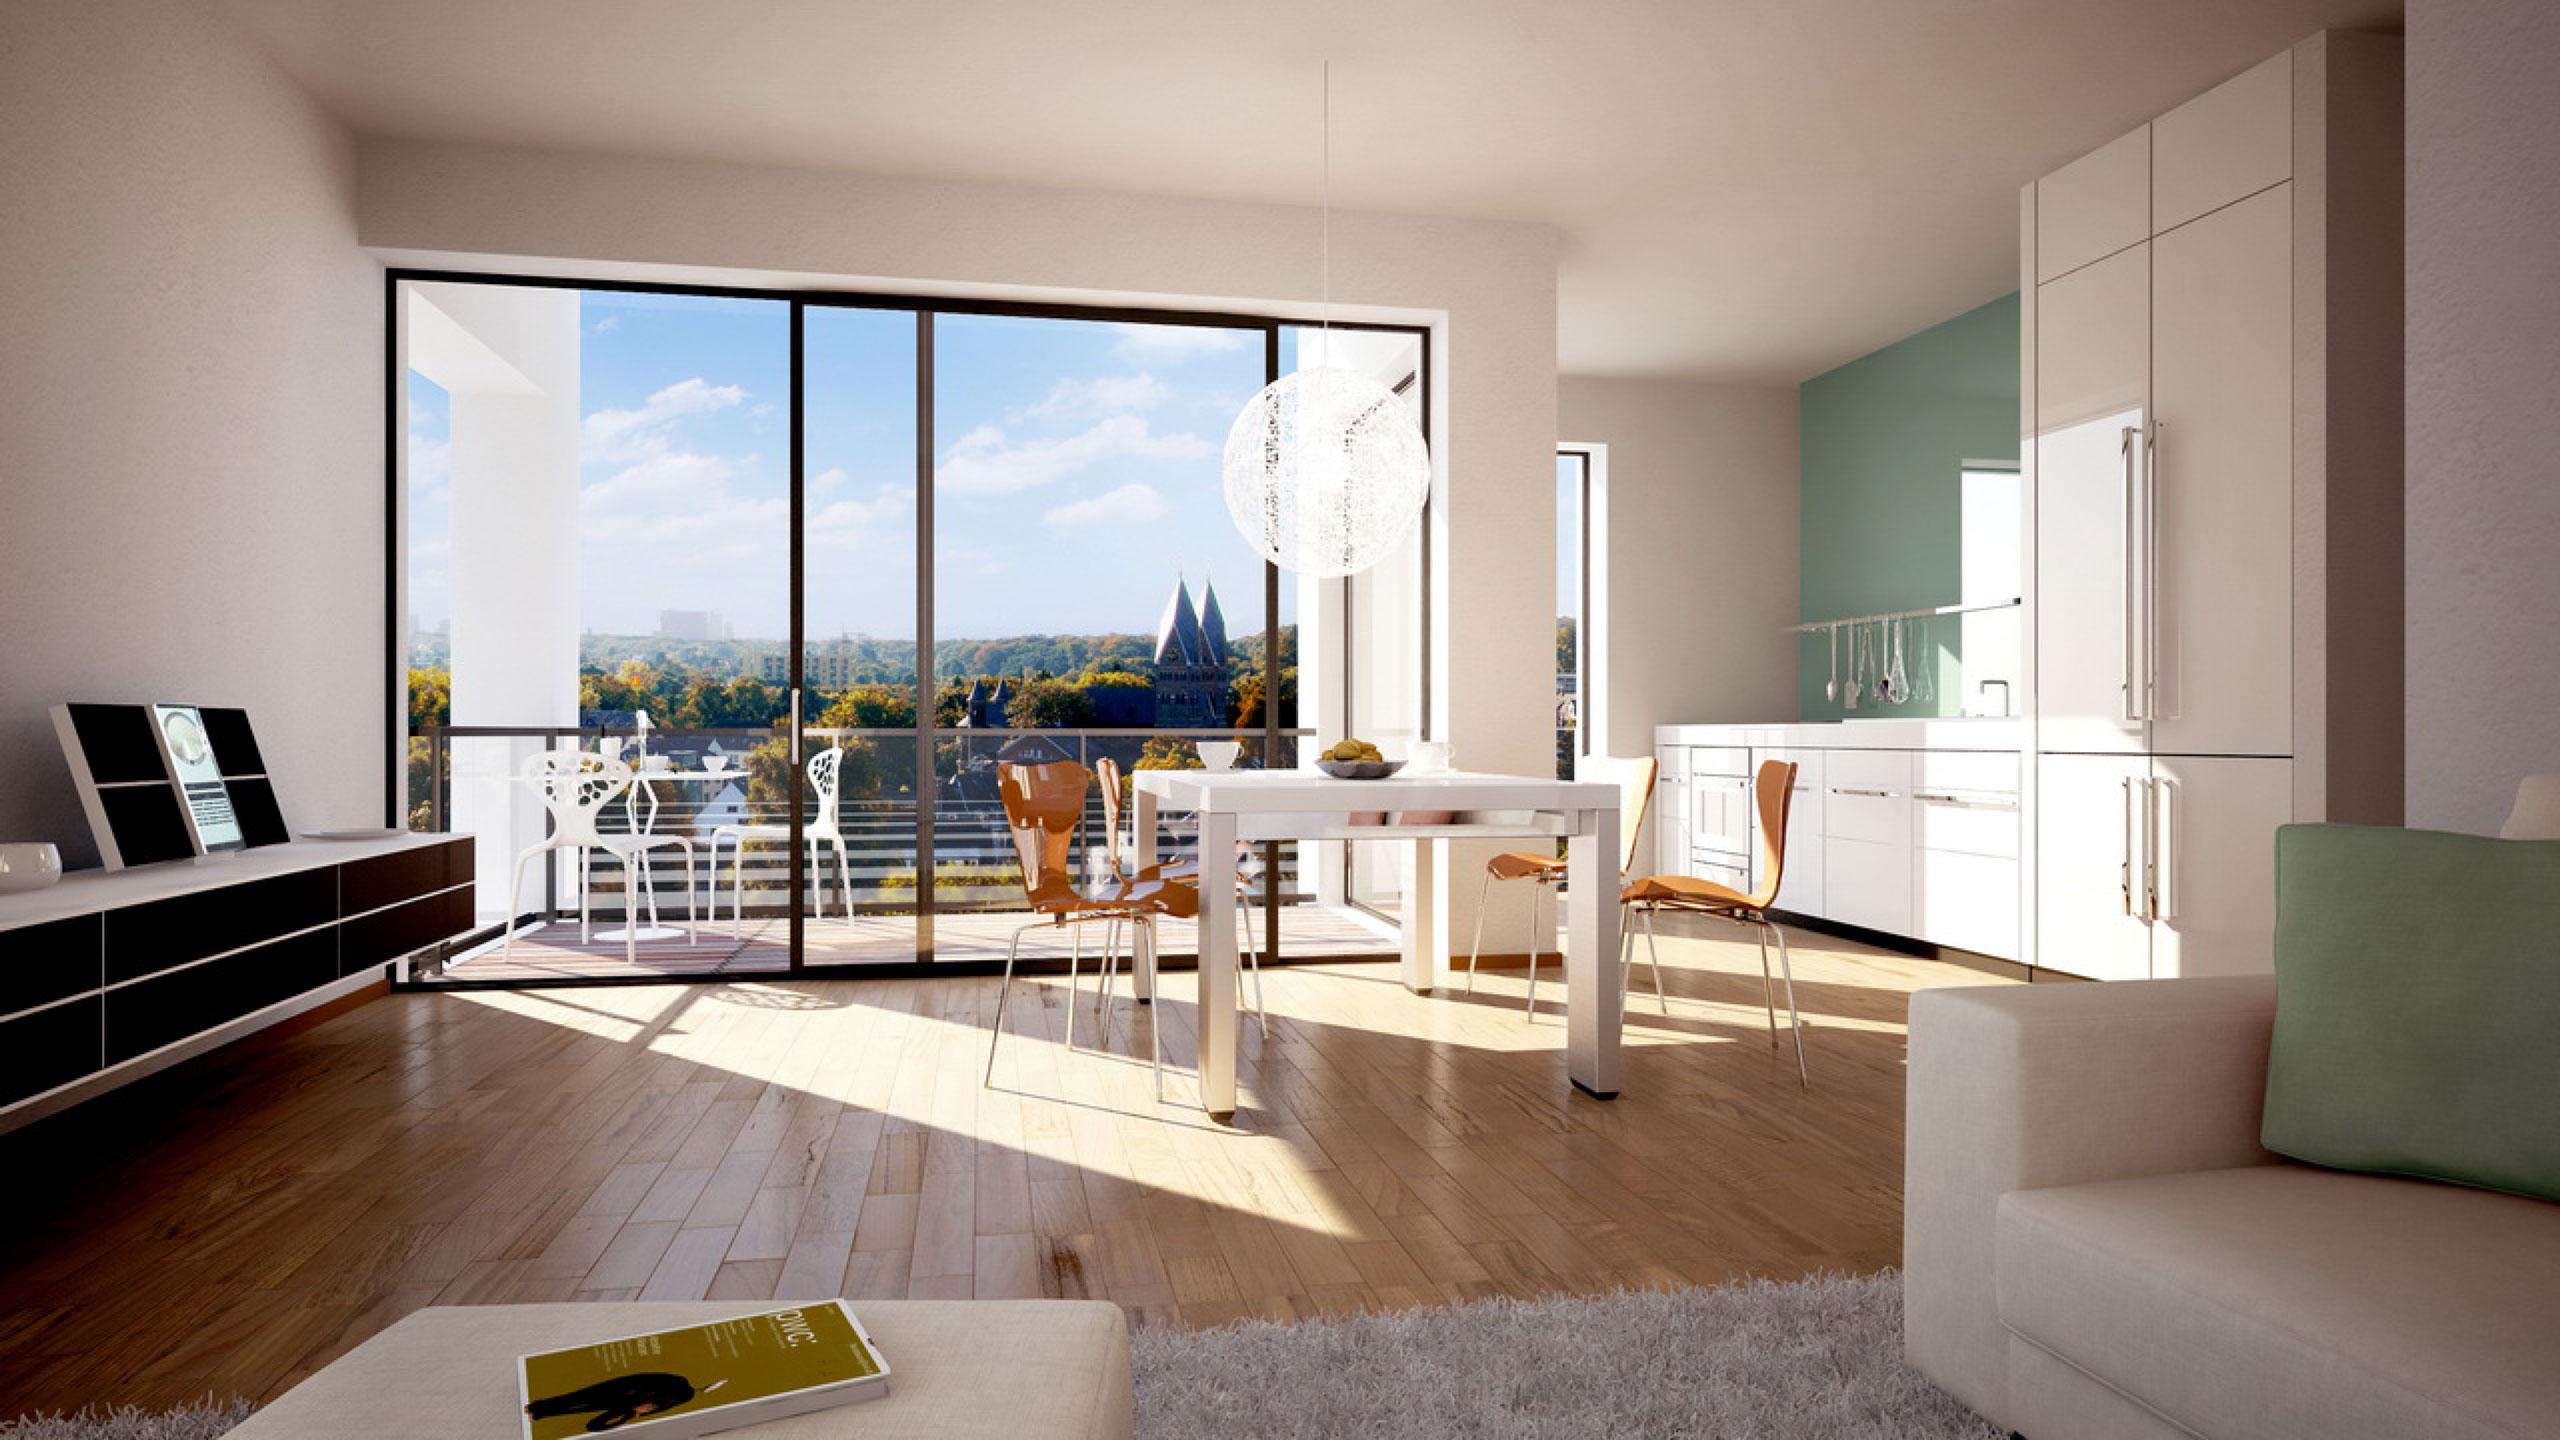 k lner immobilien b rse. Black Bedroom Furniture Sets. Home Design Ideas